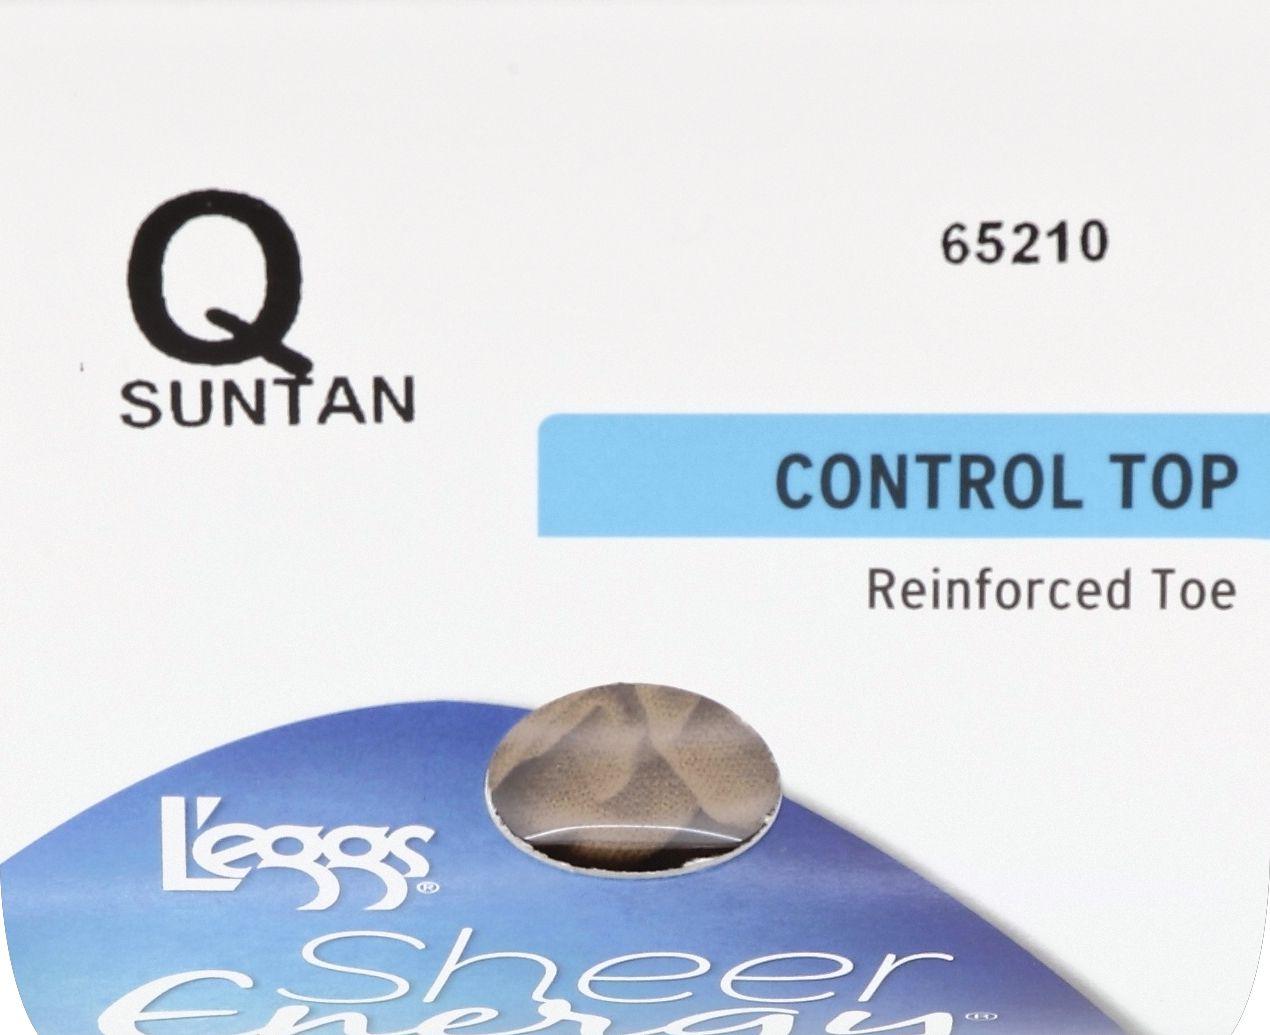 8660a4aa4d1 Control Top Control